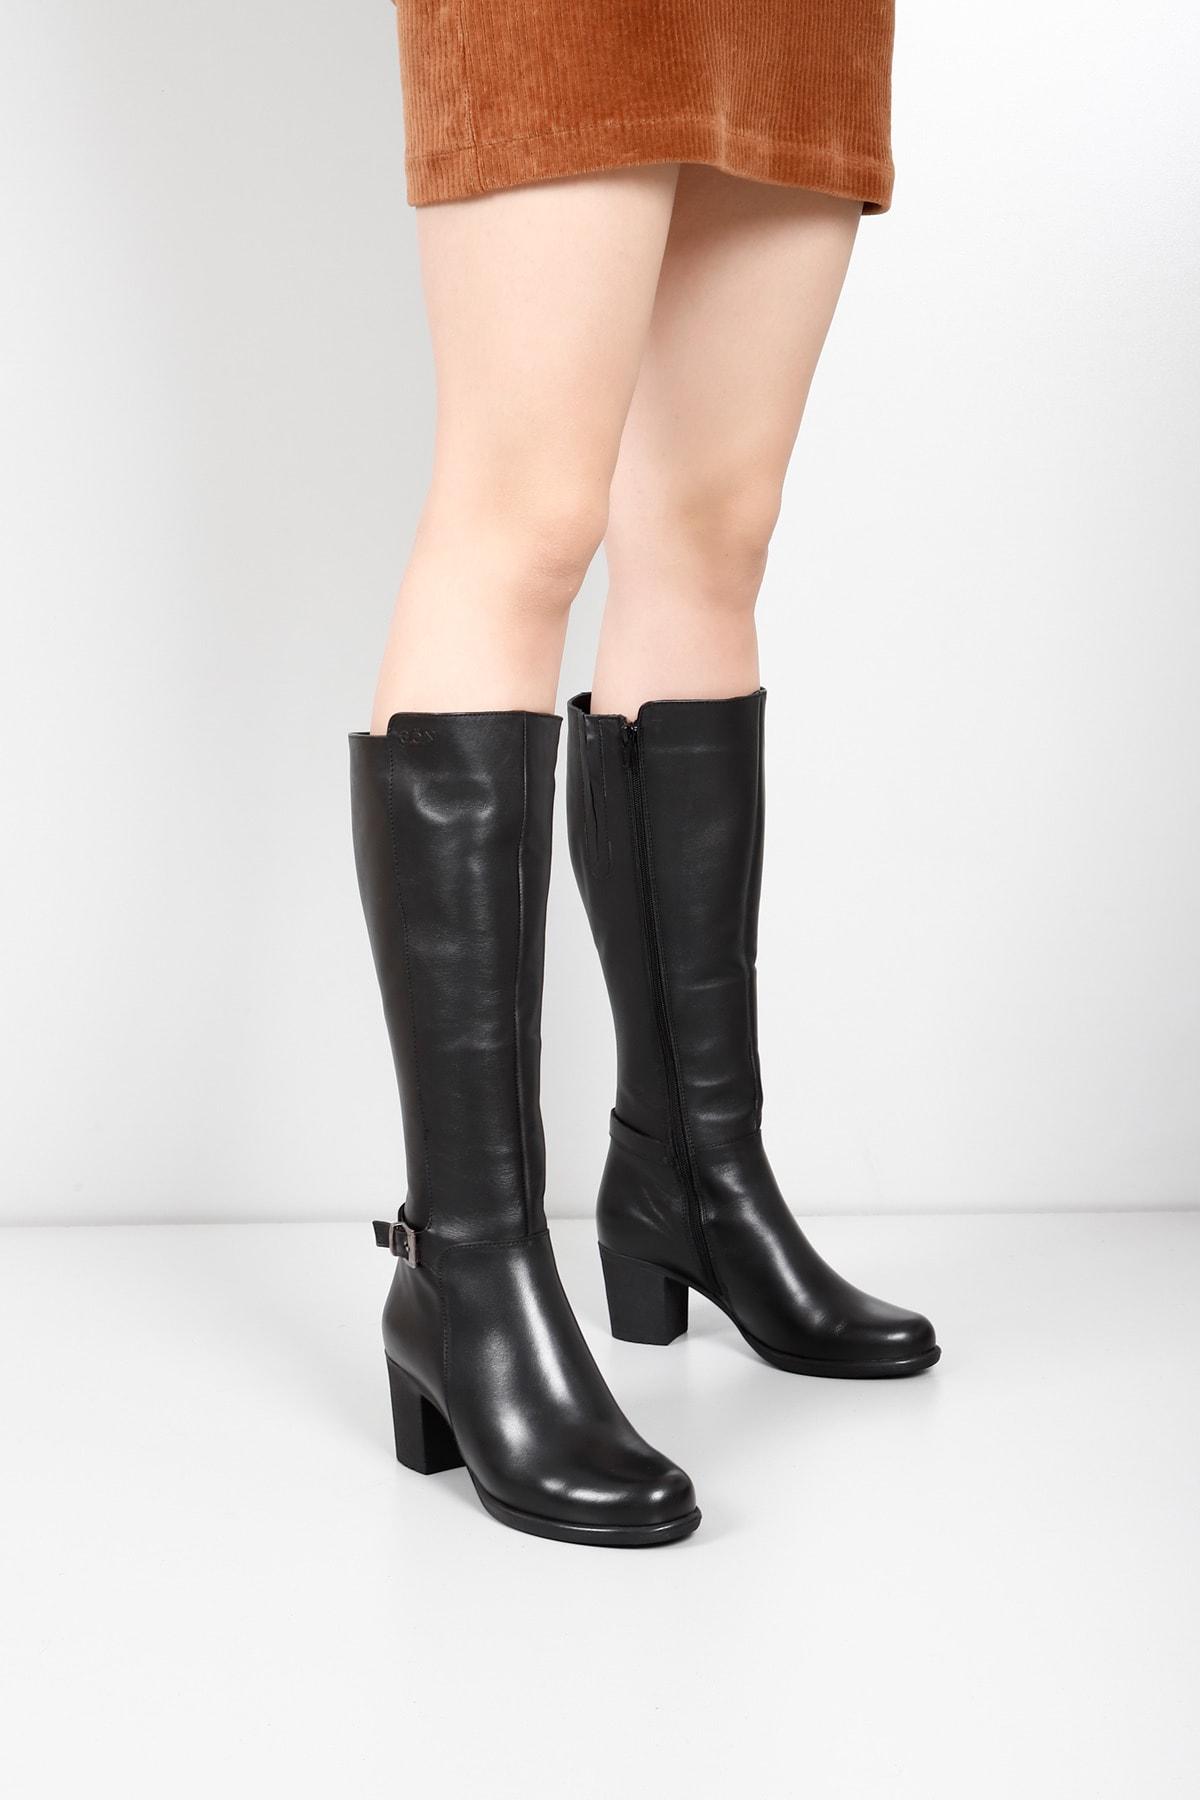 Gön Hakiki Deri Siyah Tokalı Topuklu Fermuarlı Günlük Kadın Çizme 46501